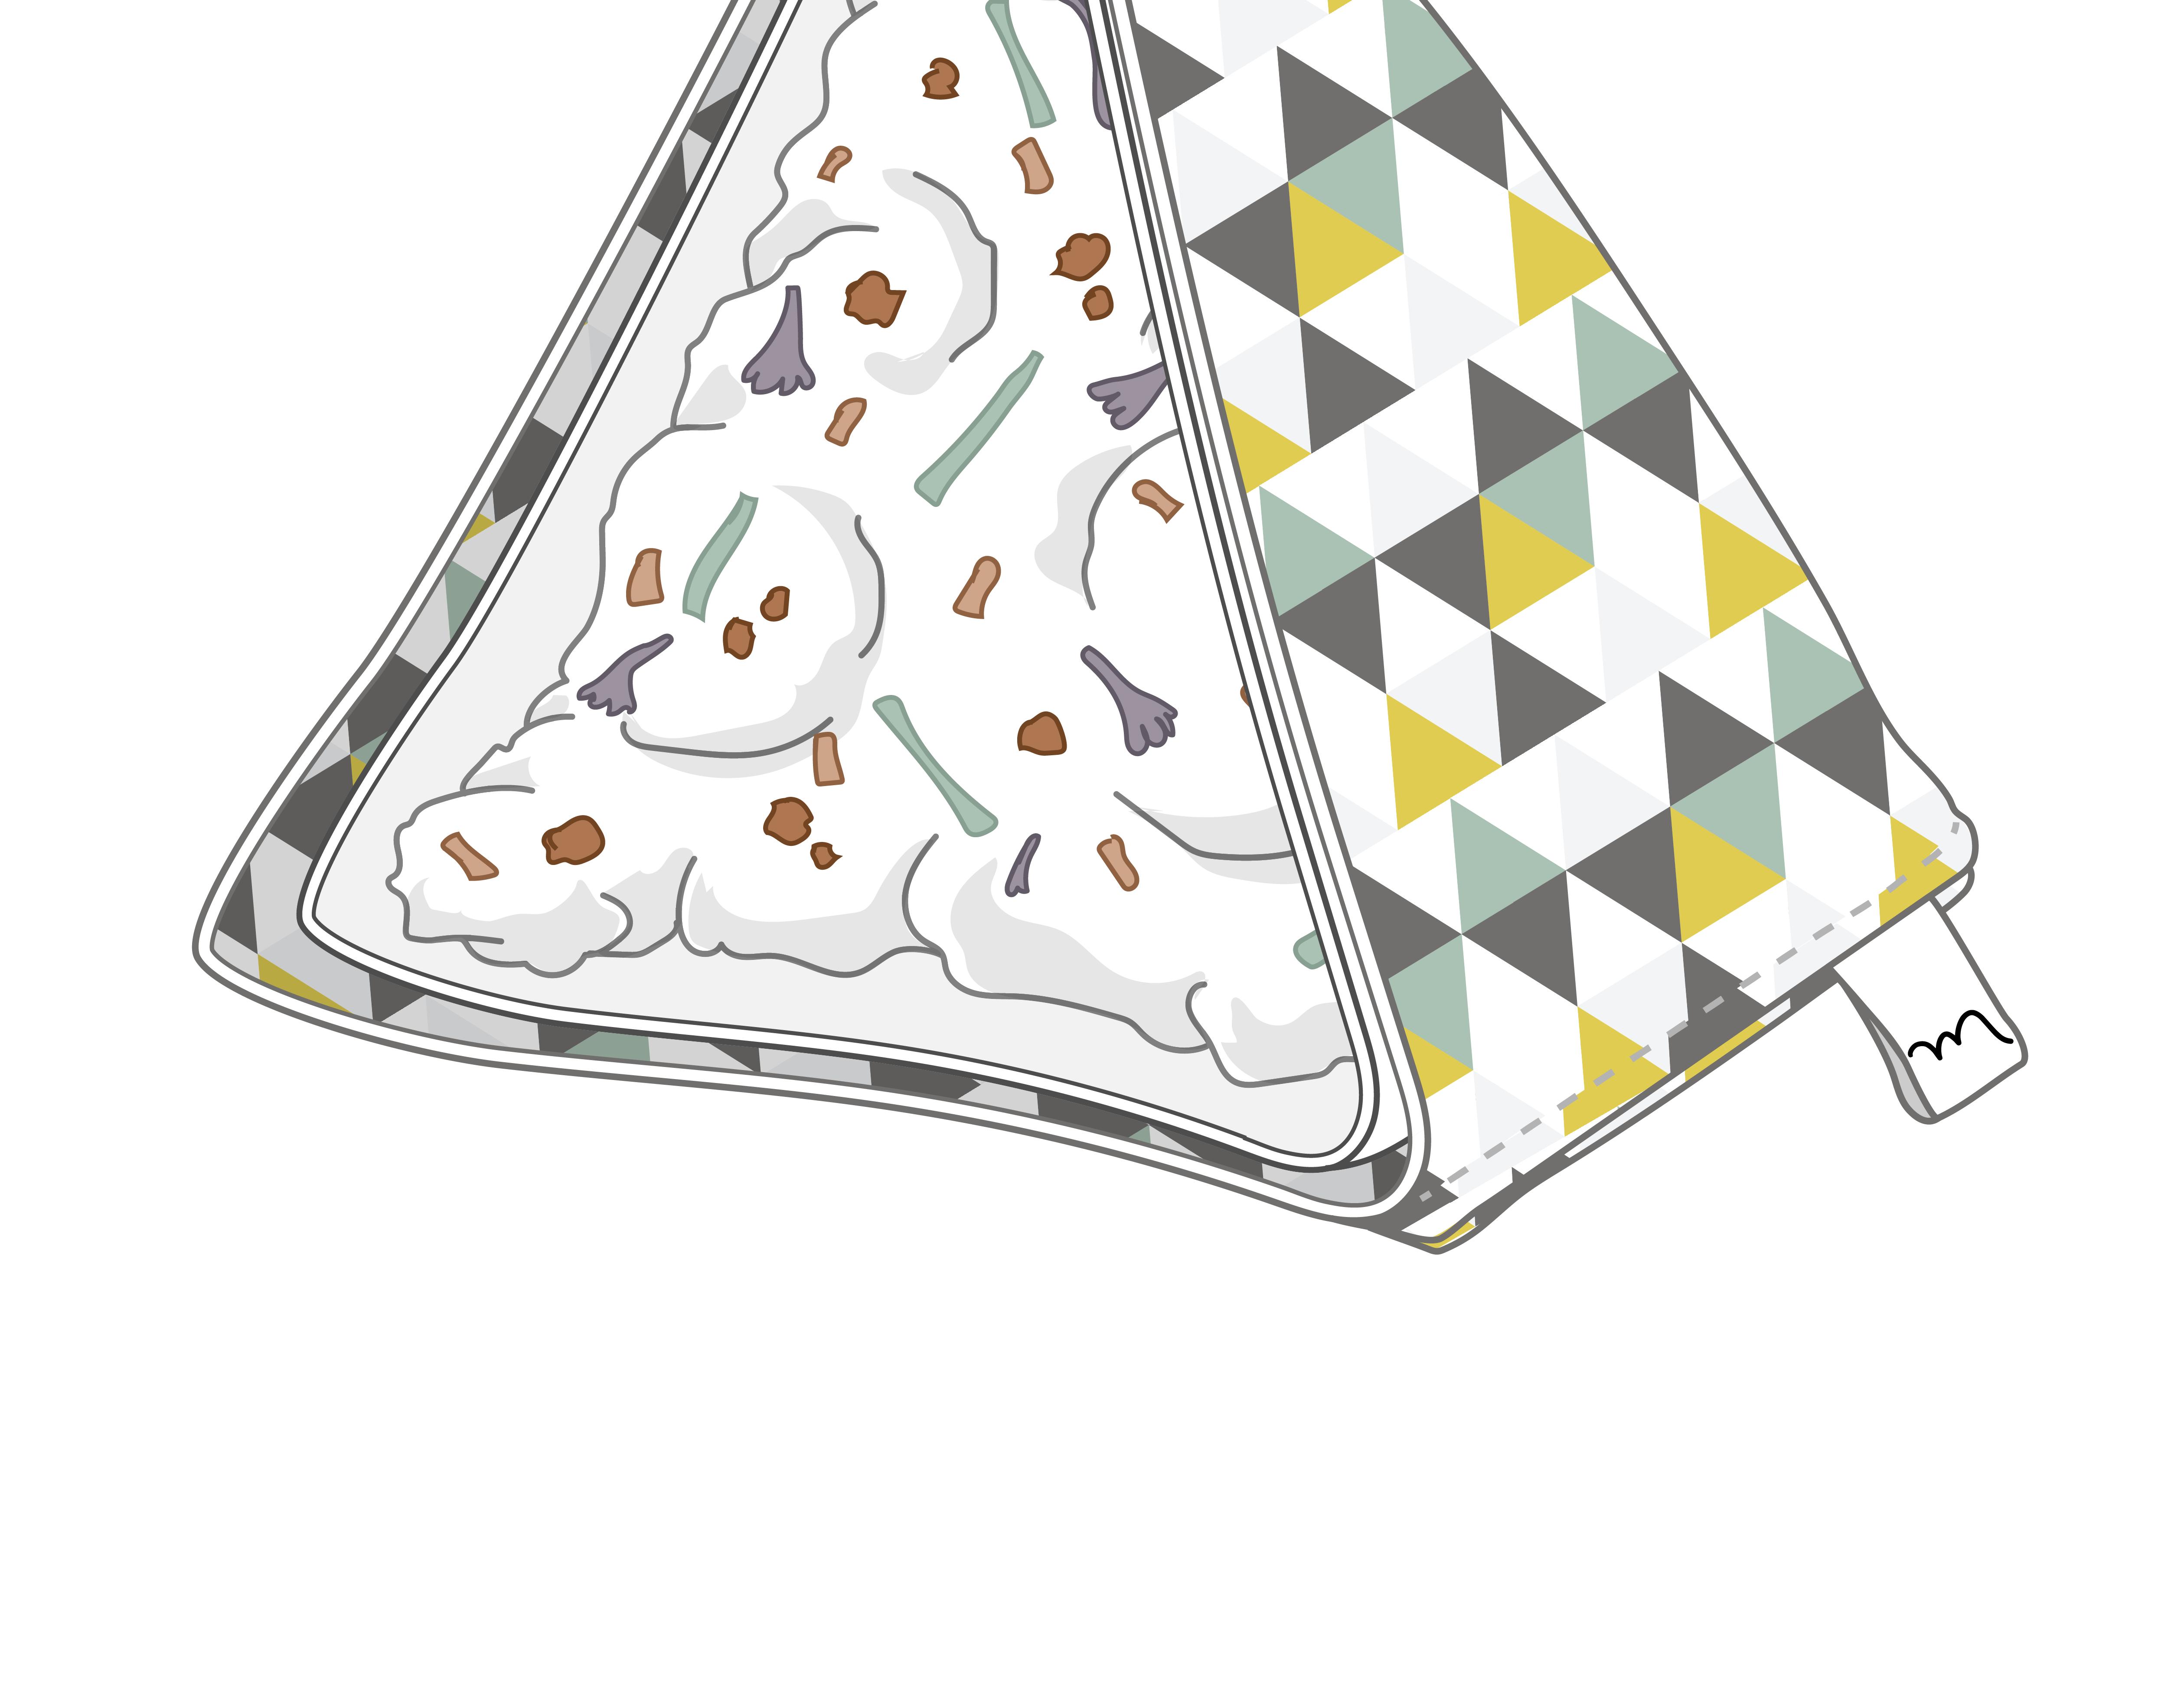 Beispiel für eine Gifograhpic der Yip Yips Agentur für Design,; Illustration des Inhaltes eines Katzenspielzeugs